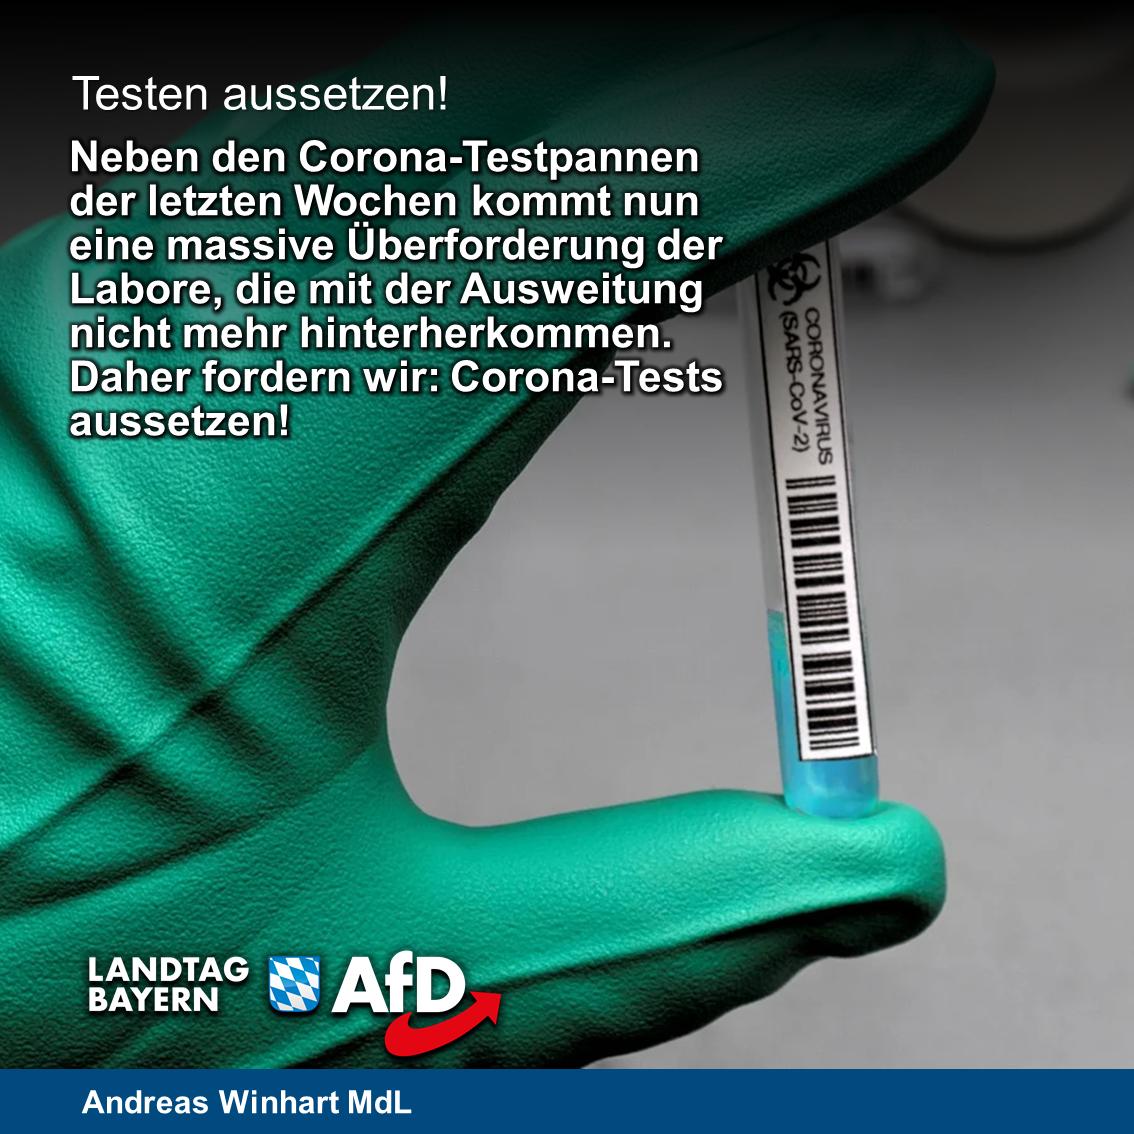 Überlastete Labore und irreführende PCR-Tests – AfD fordert gezielte Testungen